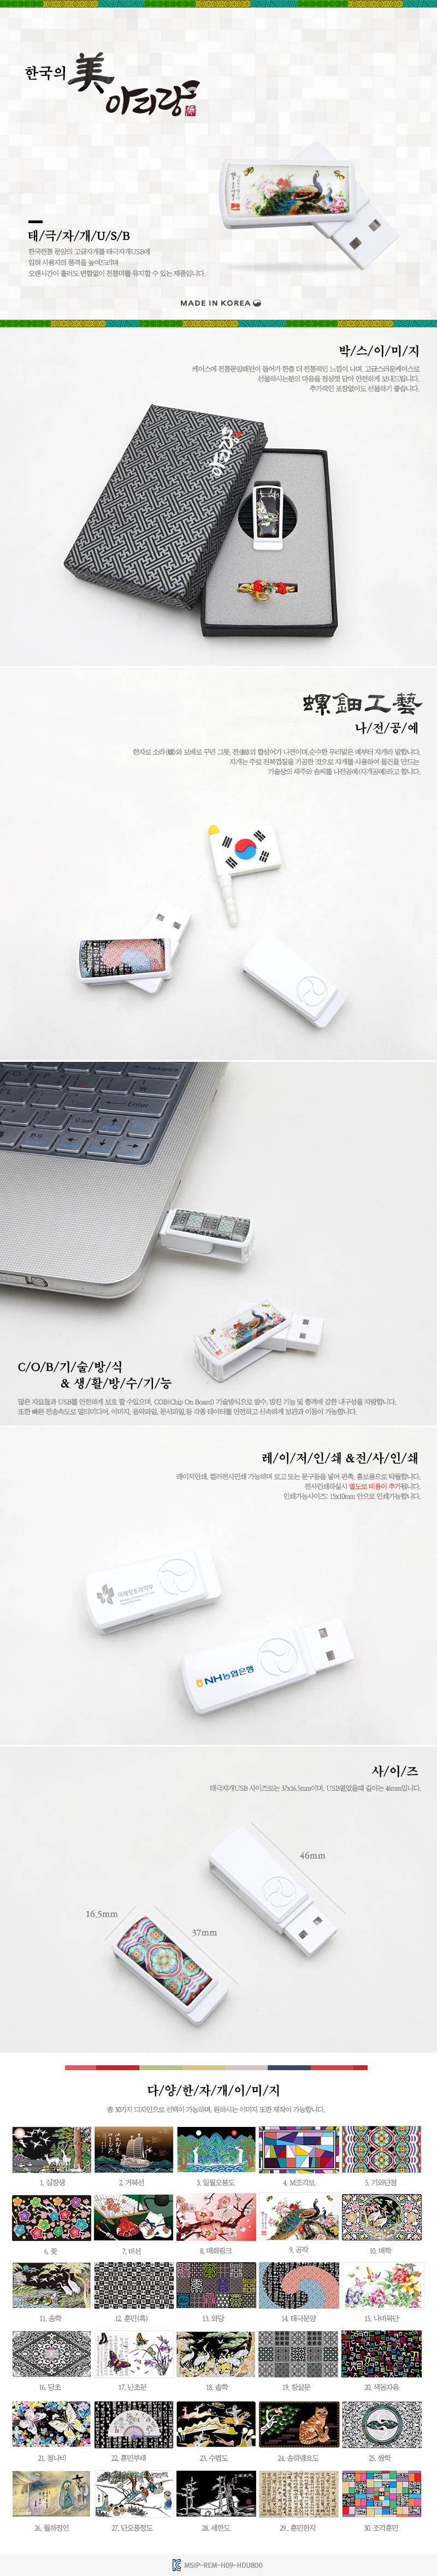 taegeuk_jage_detail_800.jpg